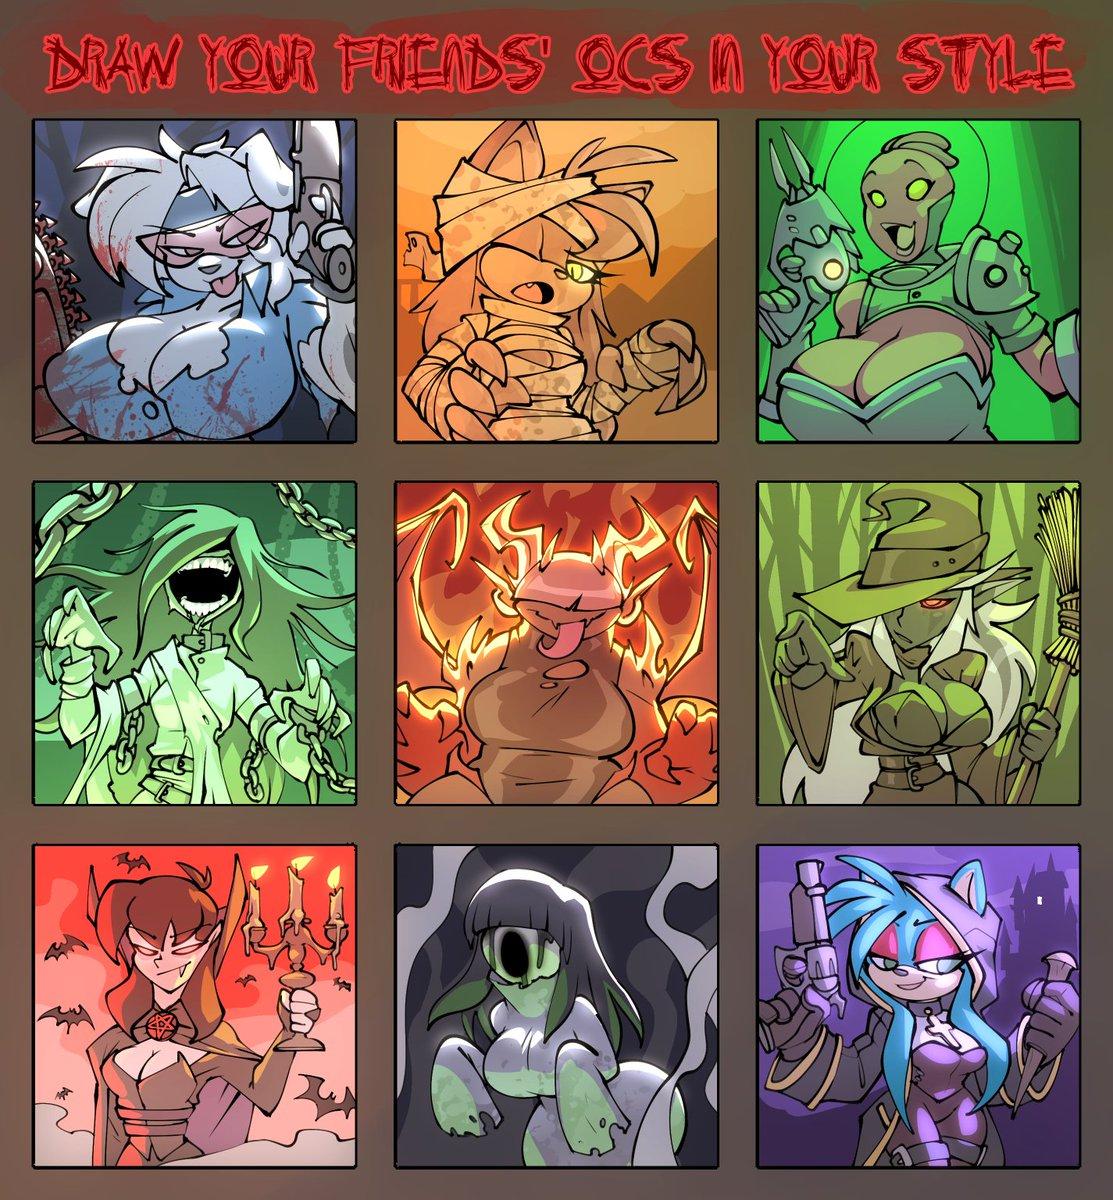 All done XD Characters featured are by: @joelaskoartnsfw @MilkChaoTea @DDadko @MhDrawin @GrizzlySuplex @MetalScratchin @Alvh_Omega @DankoDeadZone @MoiraAunty XD